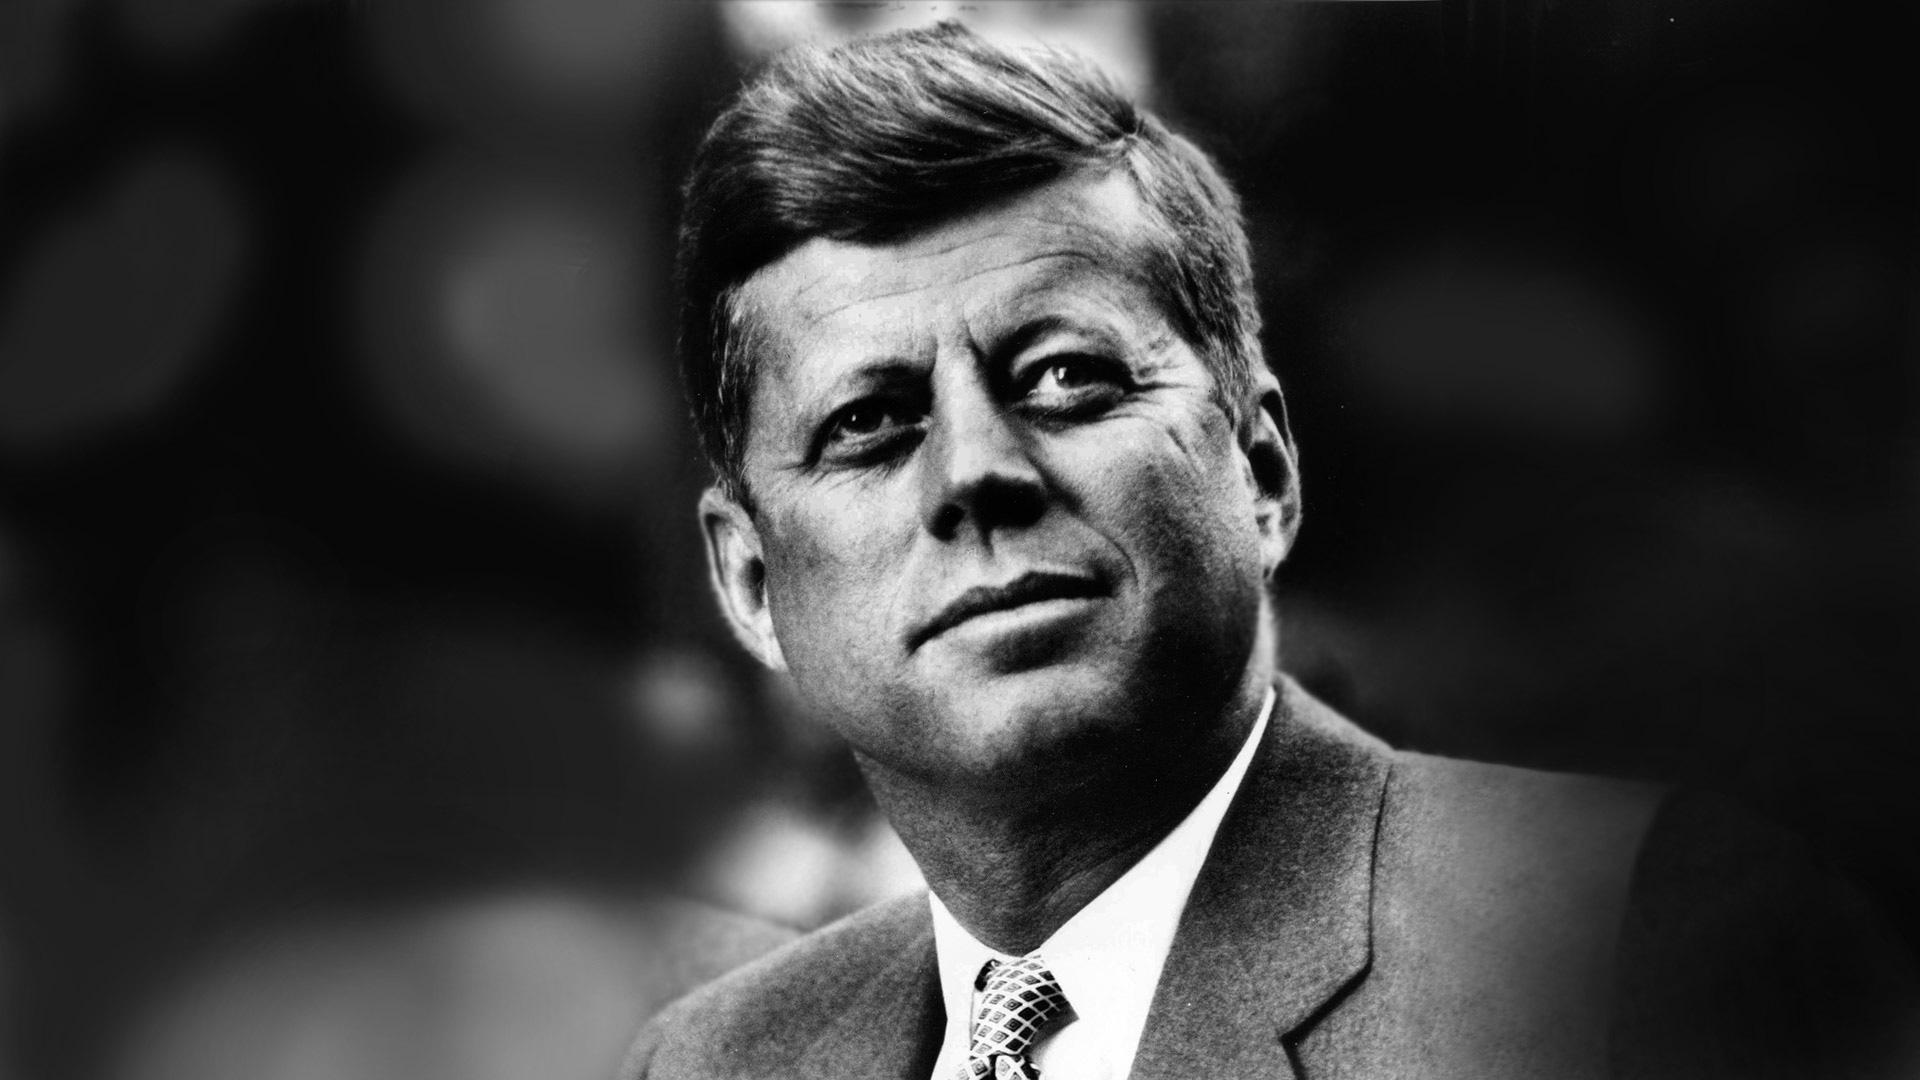 Mal di schiena: il male di Kennedy